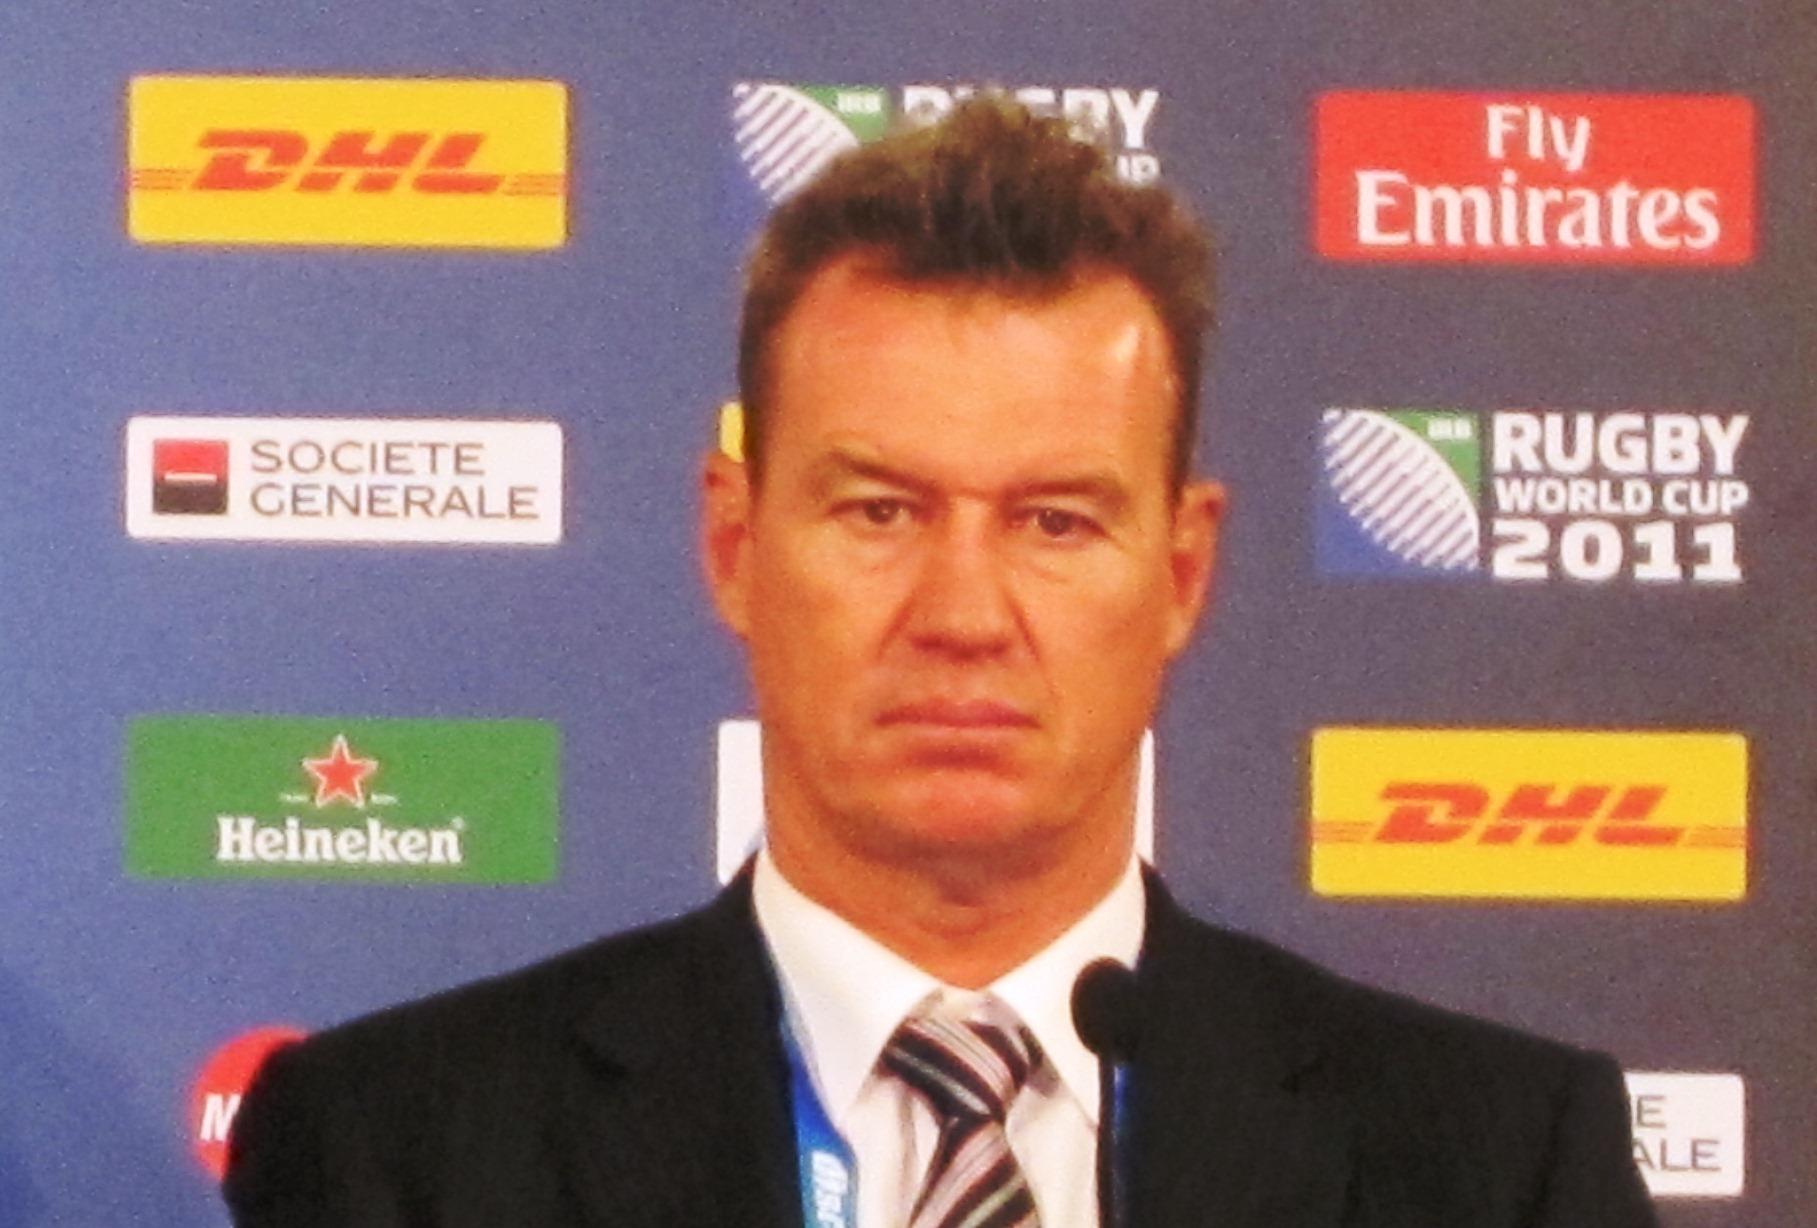 W杯で目標を達成できず、厳しい評価が待っているジョン・カーワン日本代表HC(写真はフランス戦後)